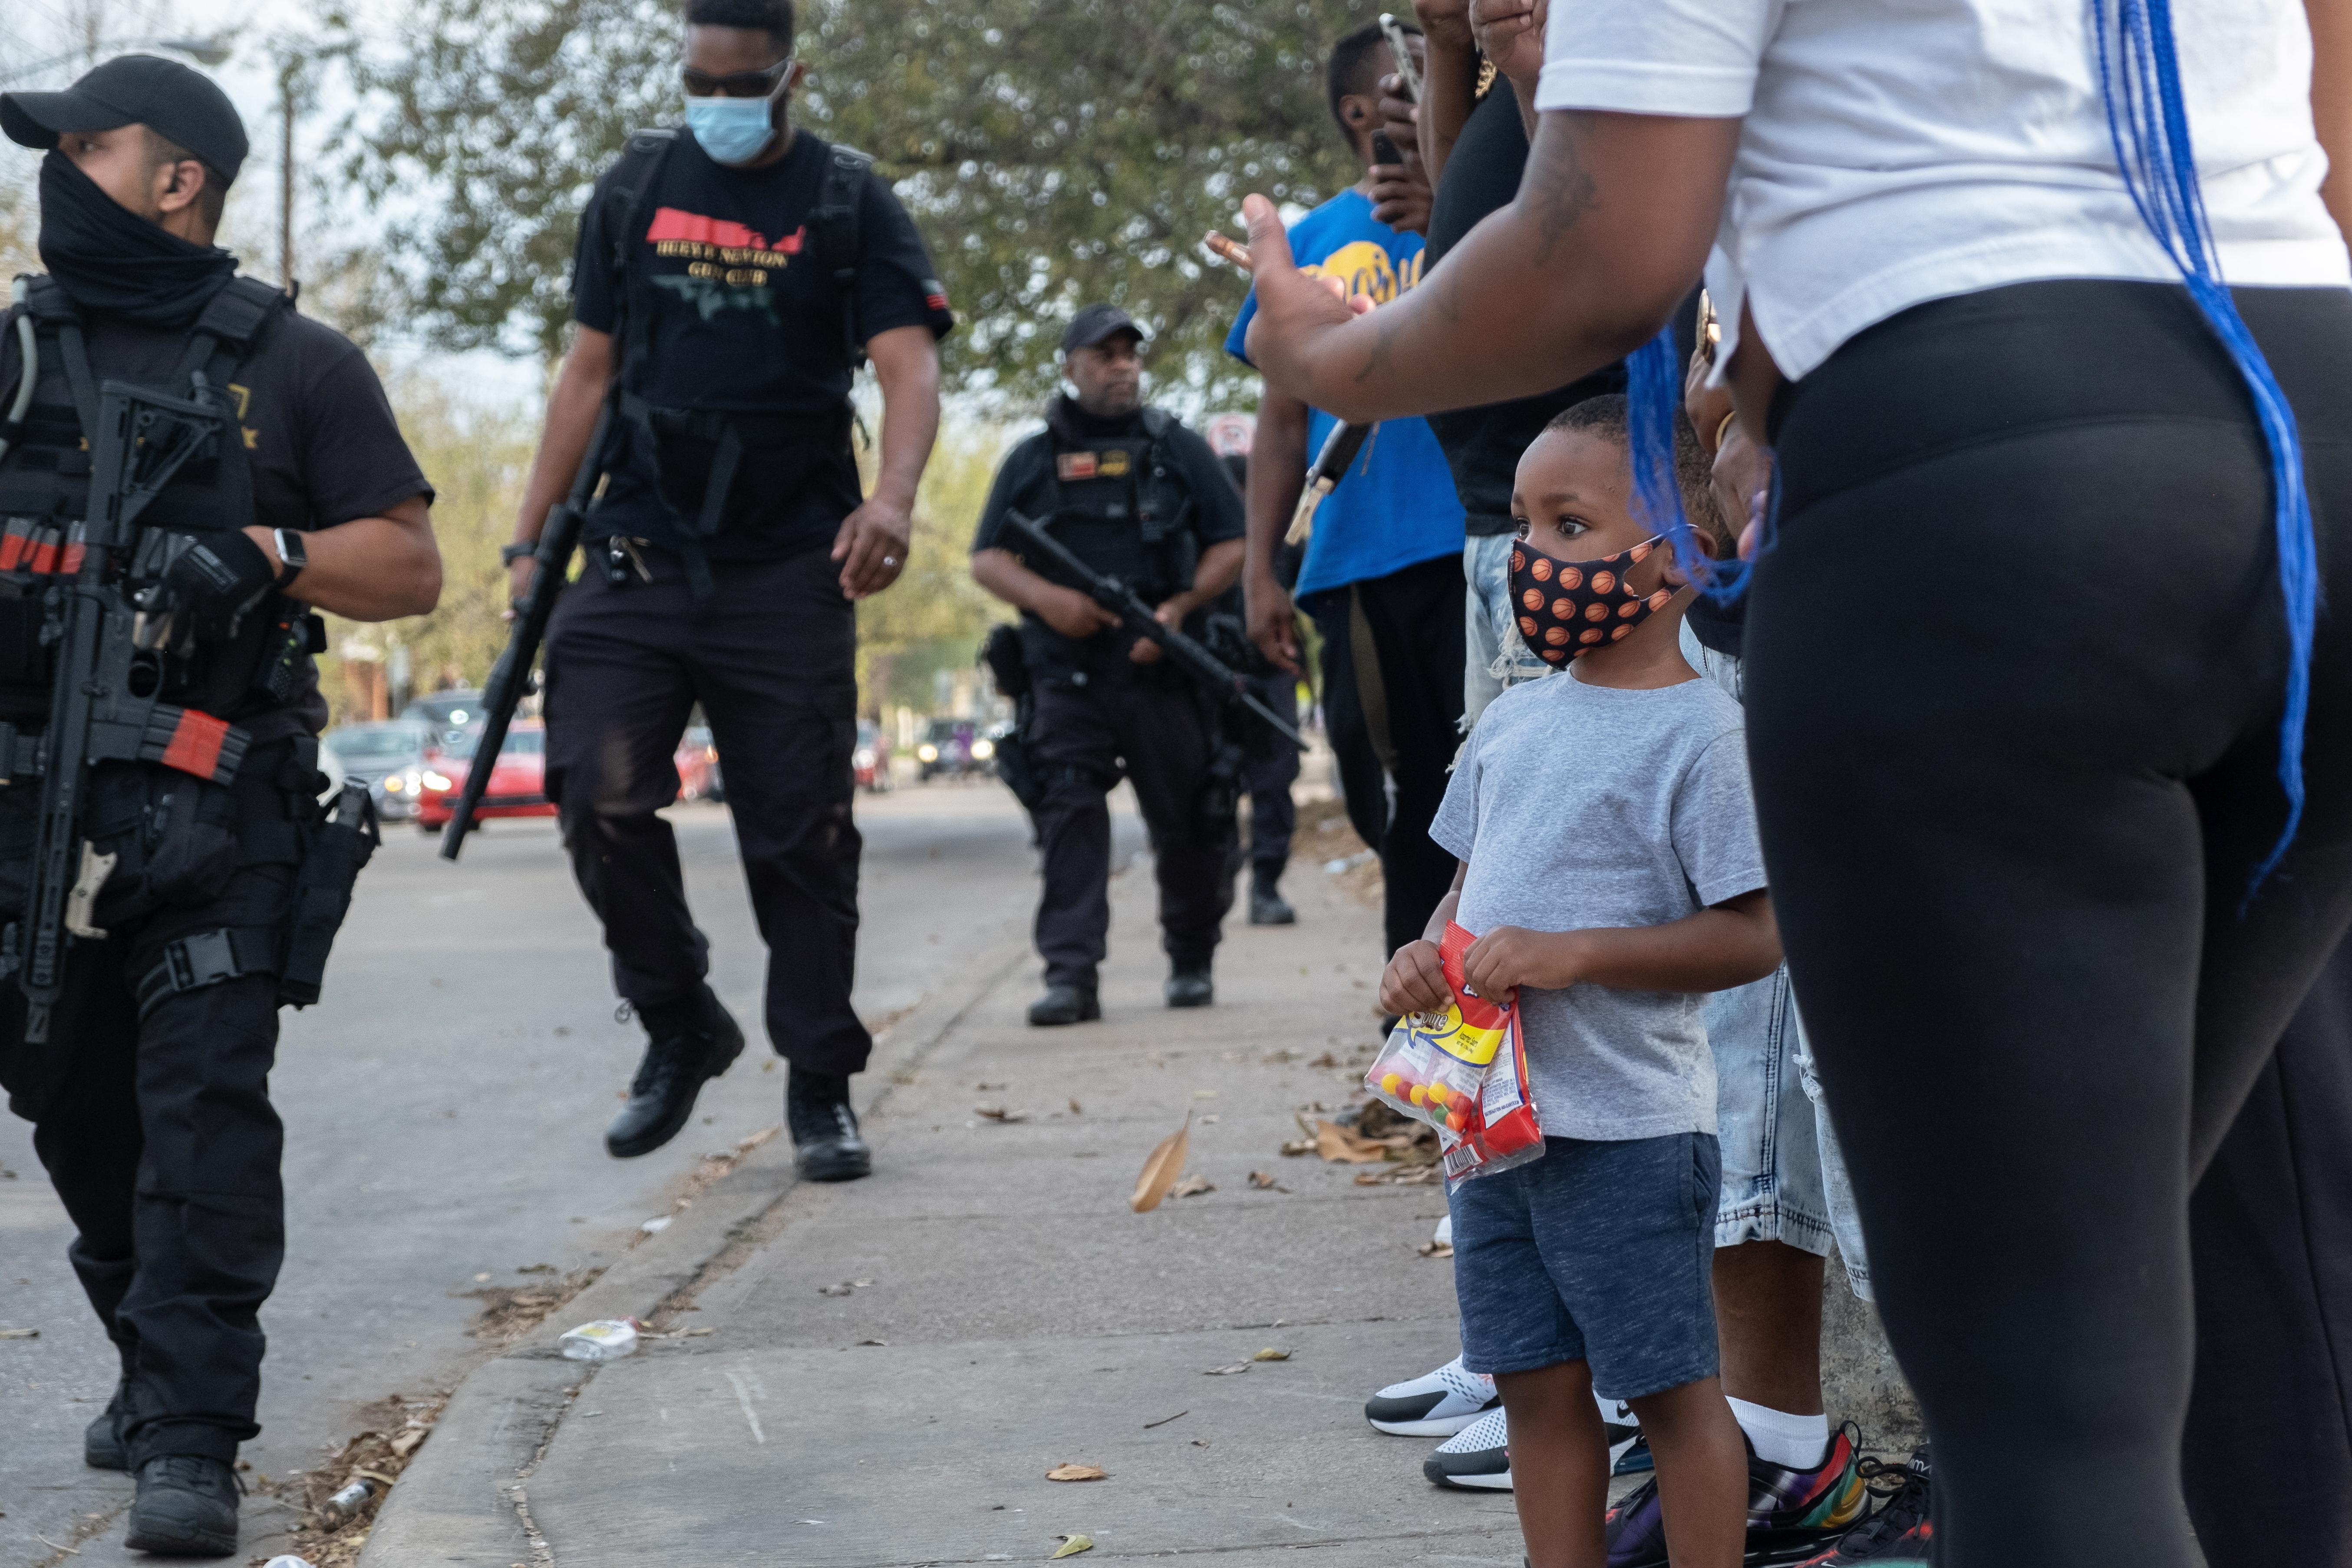 Leidse fotografe in achterstandswijken van Dallas: gewapende burgerwacht lost op wat de politie niet meer kan, of durft